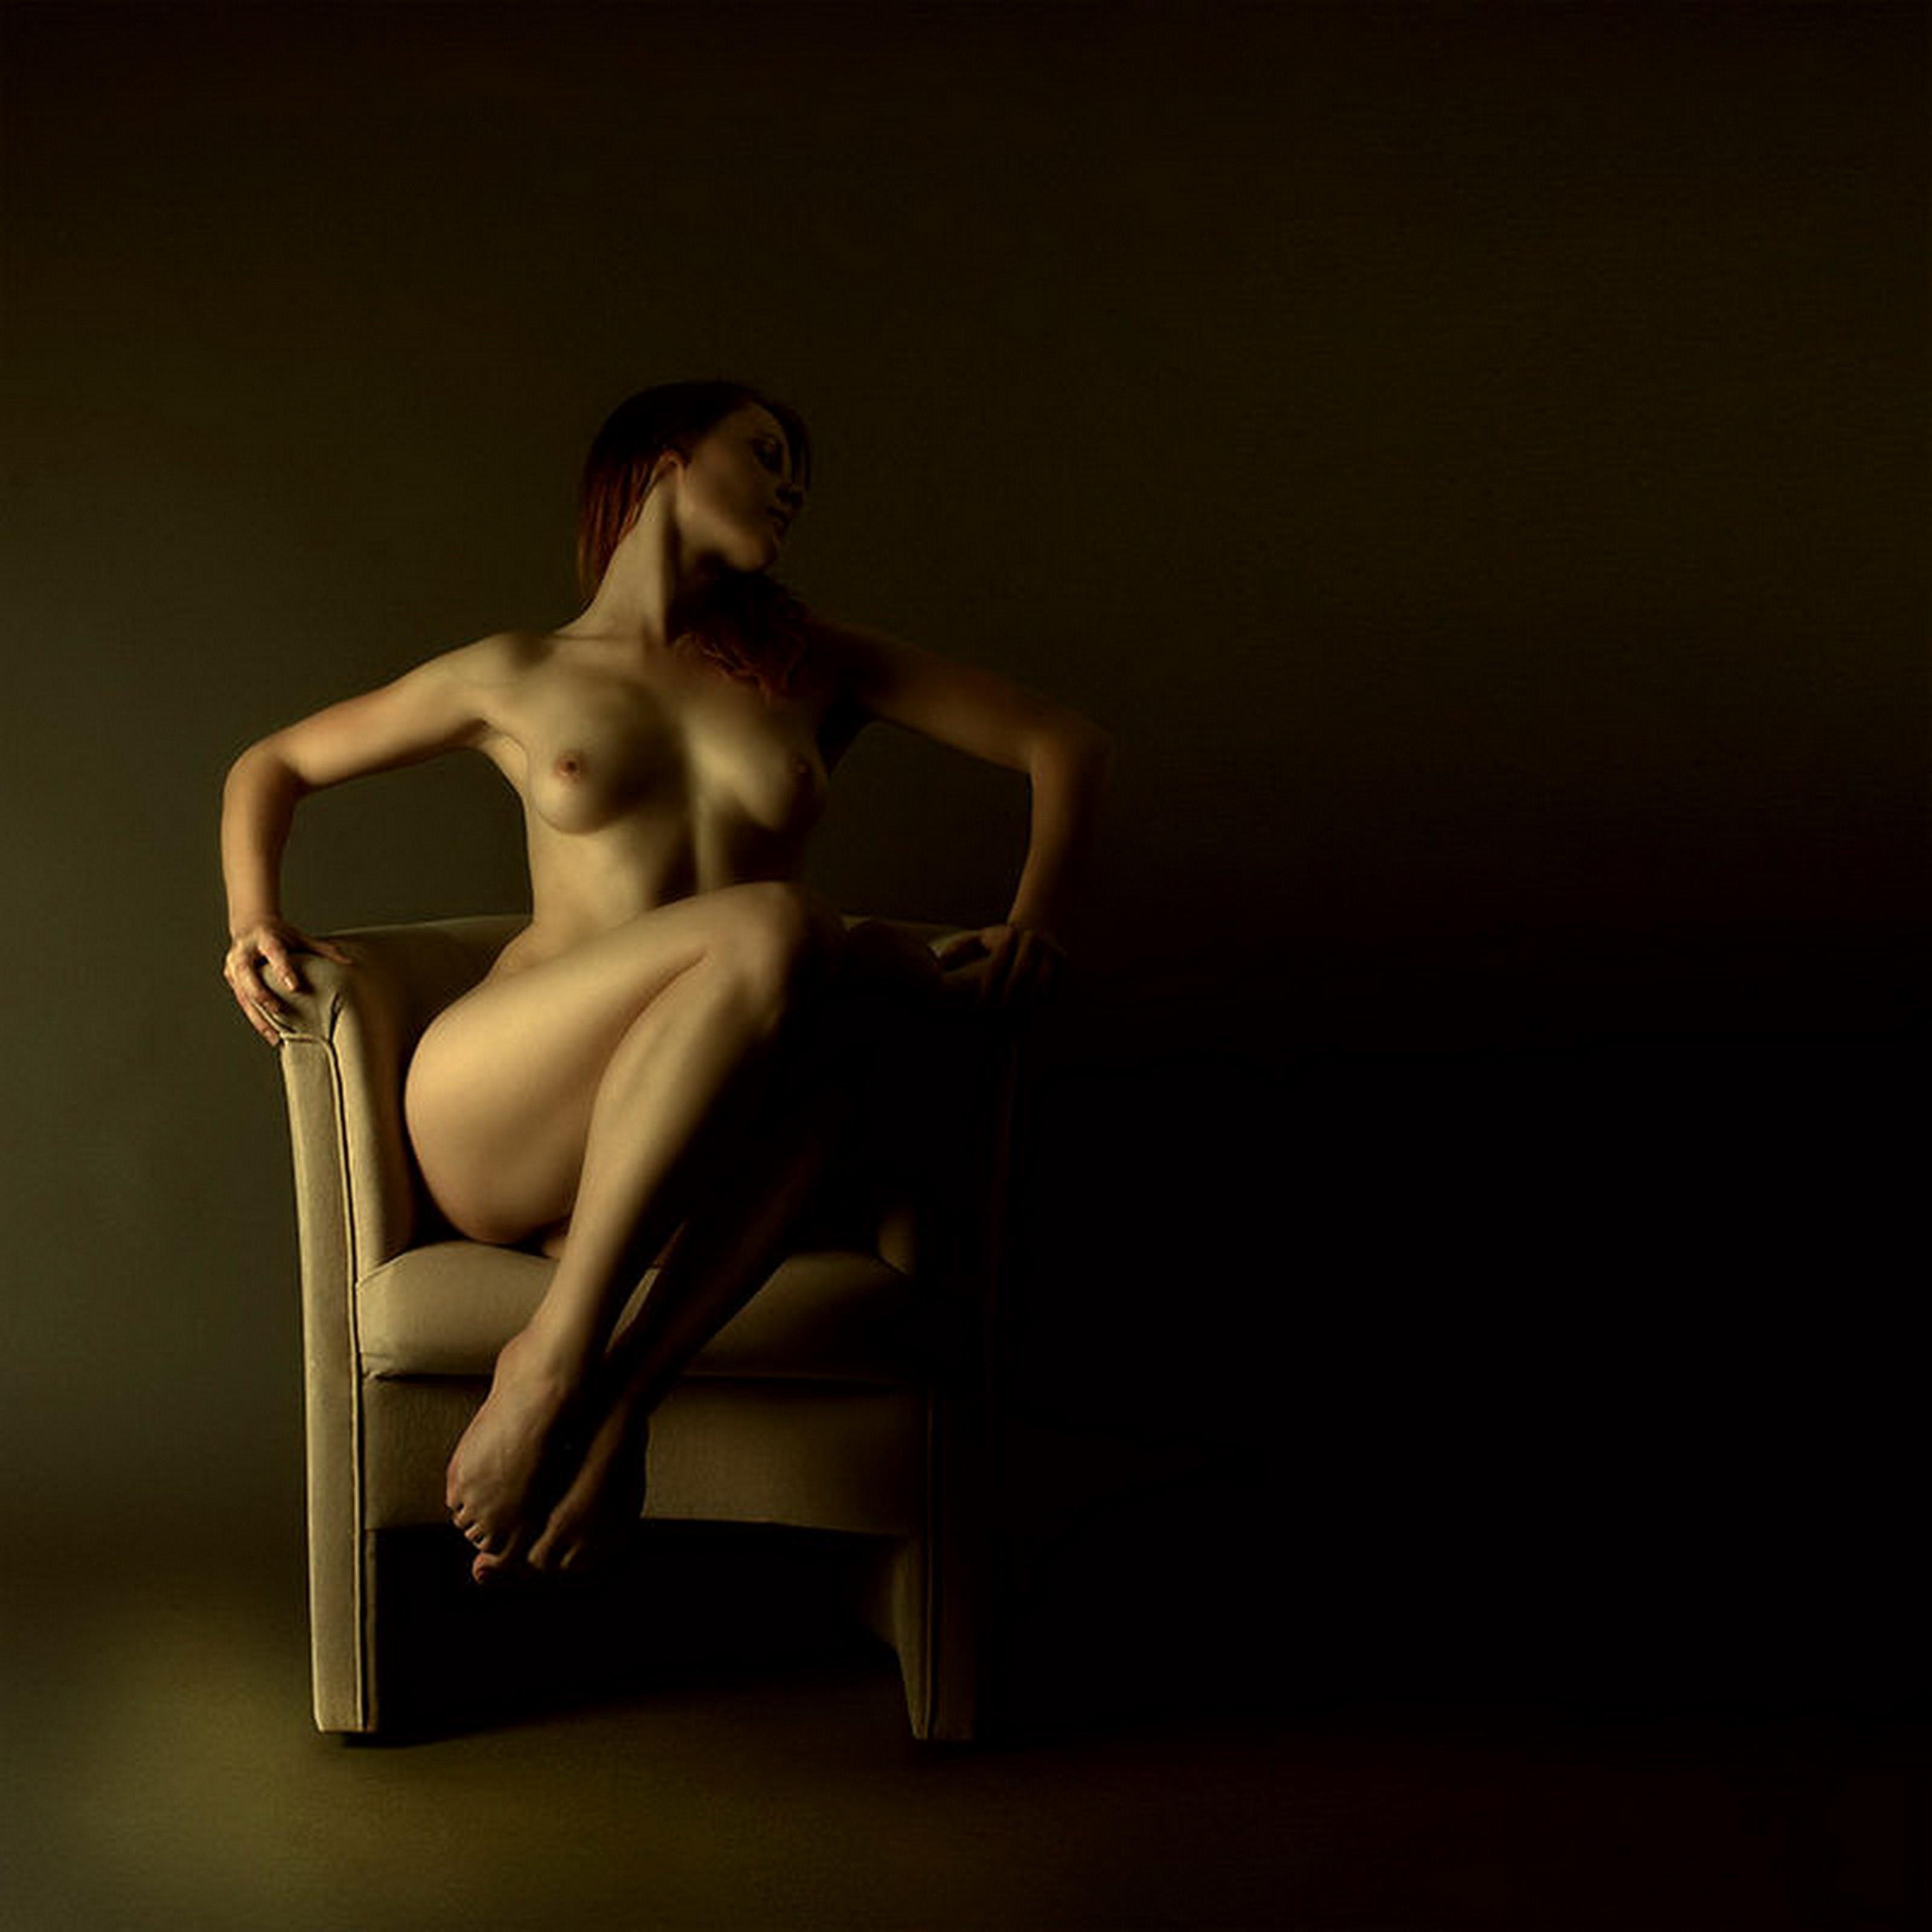 Эротическое арт искусство 4 фотография